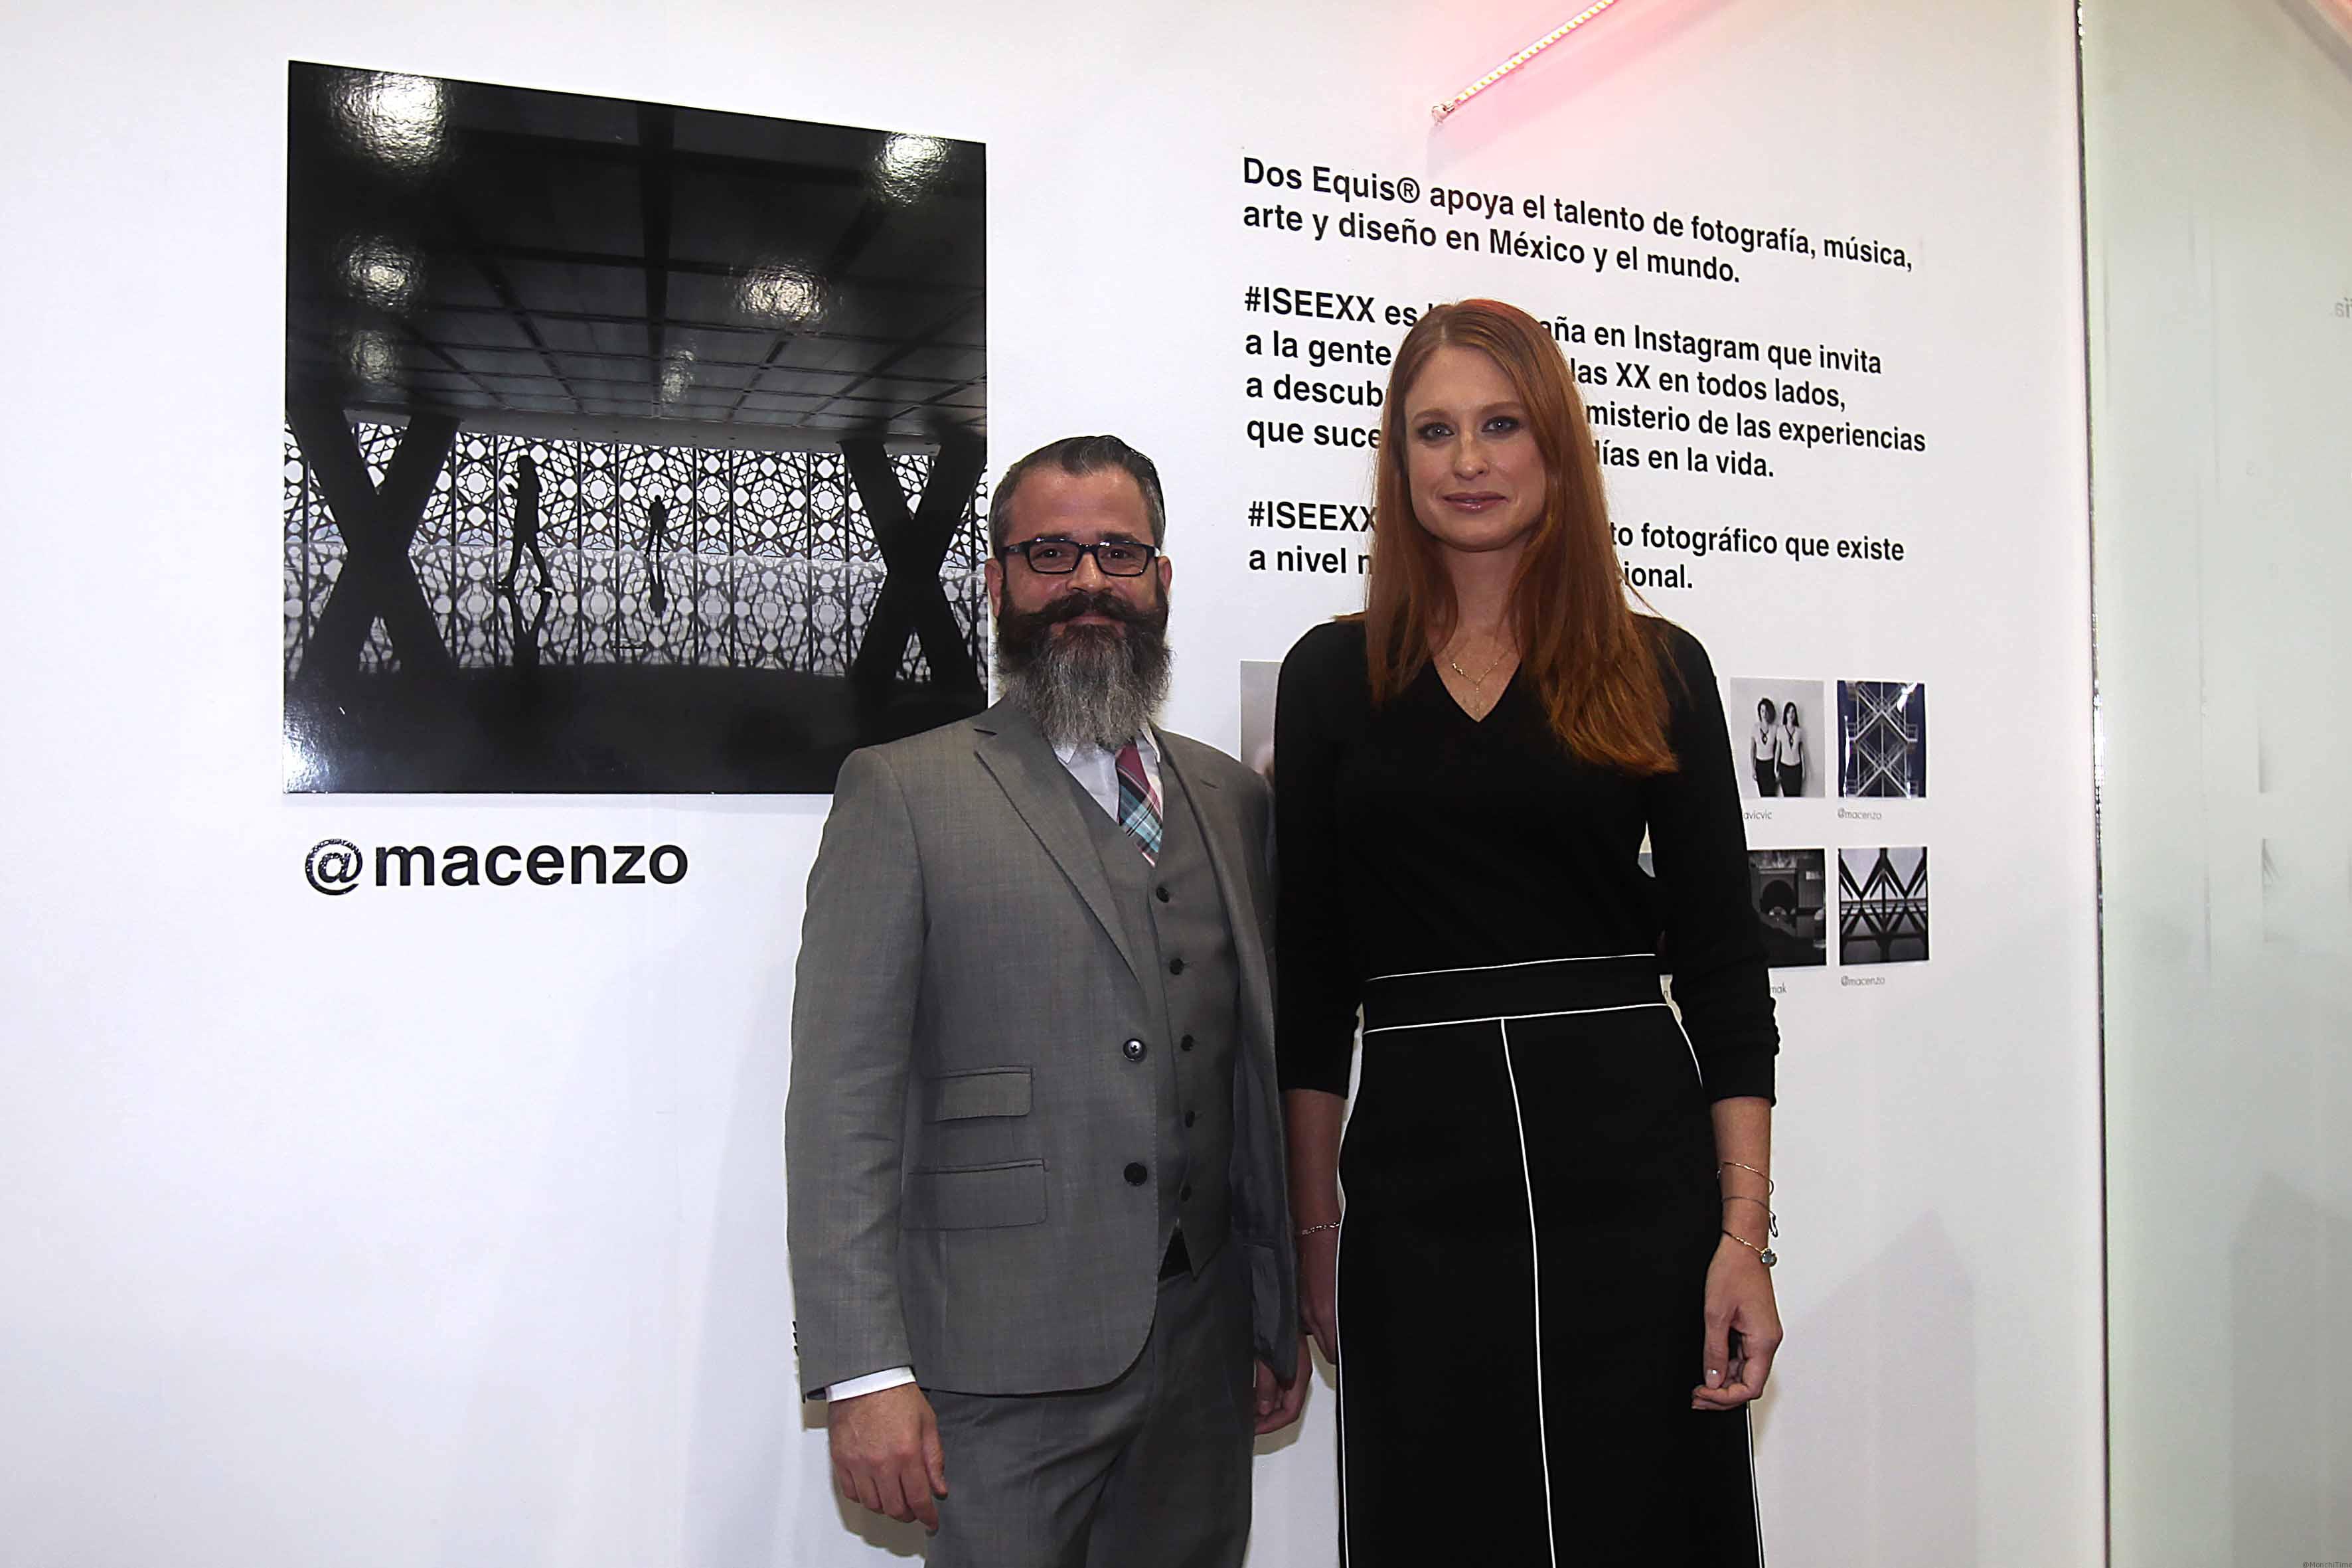 Antonio Matienzo - gerente de Dos Equis®,Zélika García - directora de Zona Maco